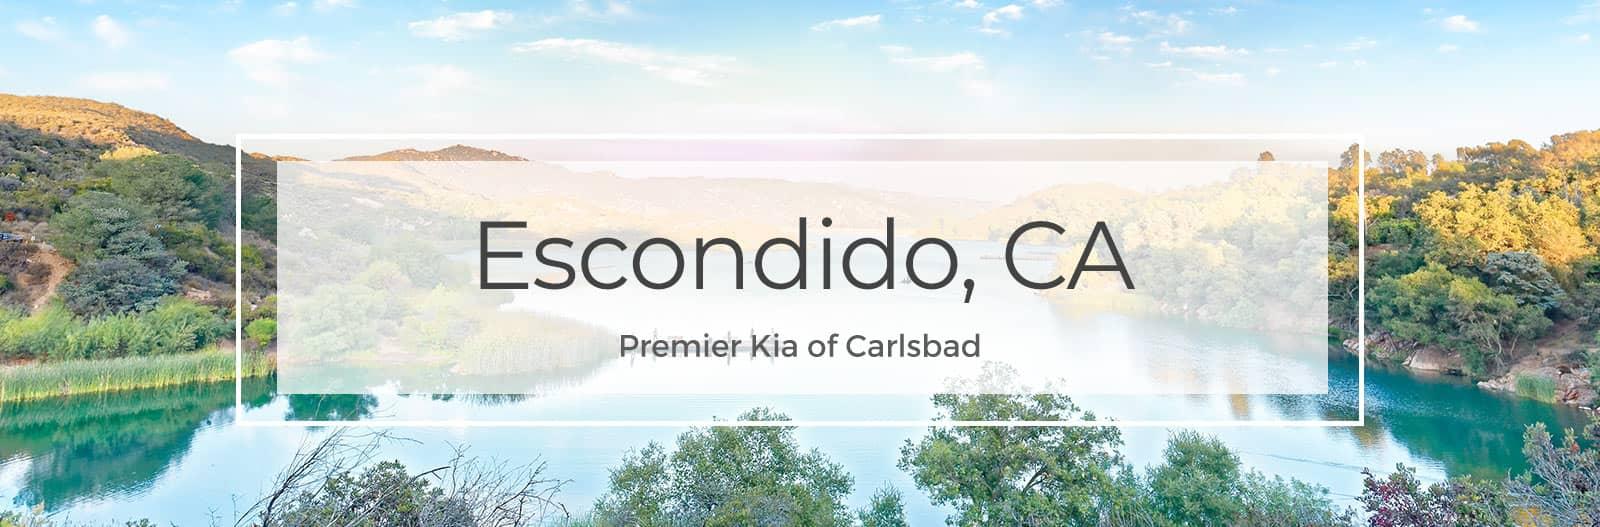 Premier KIA Carlsbad Serving Escondido, CA